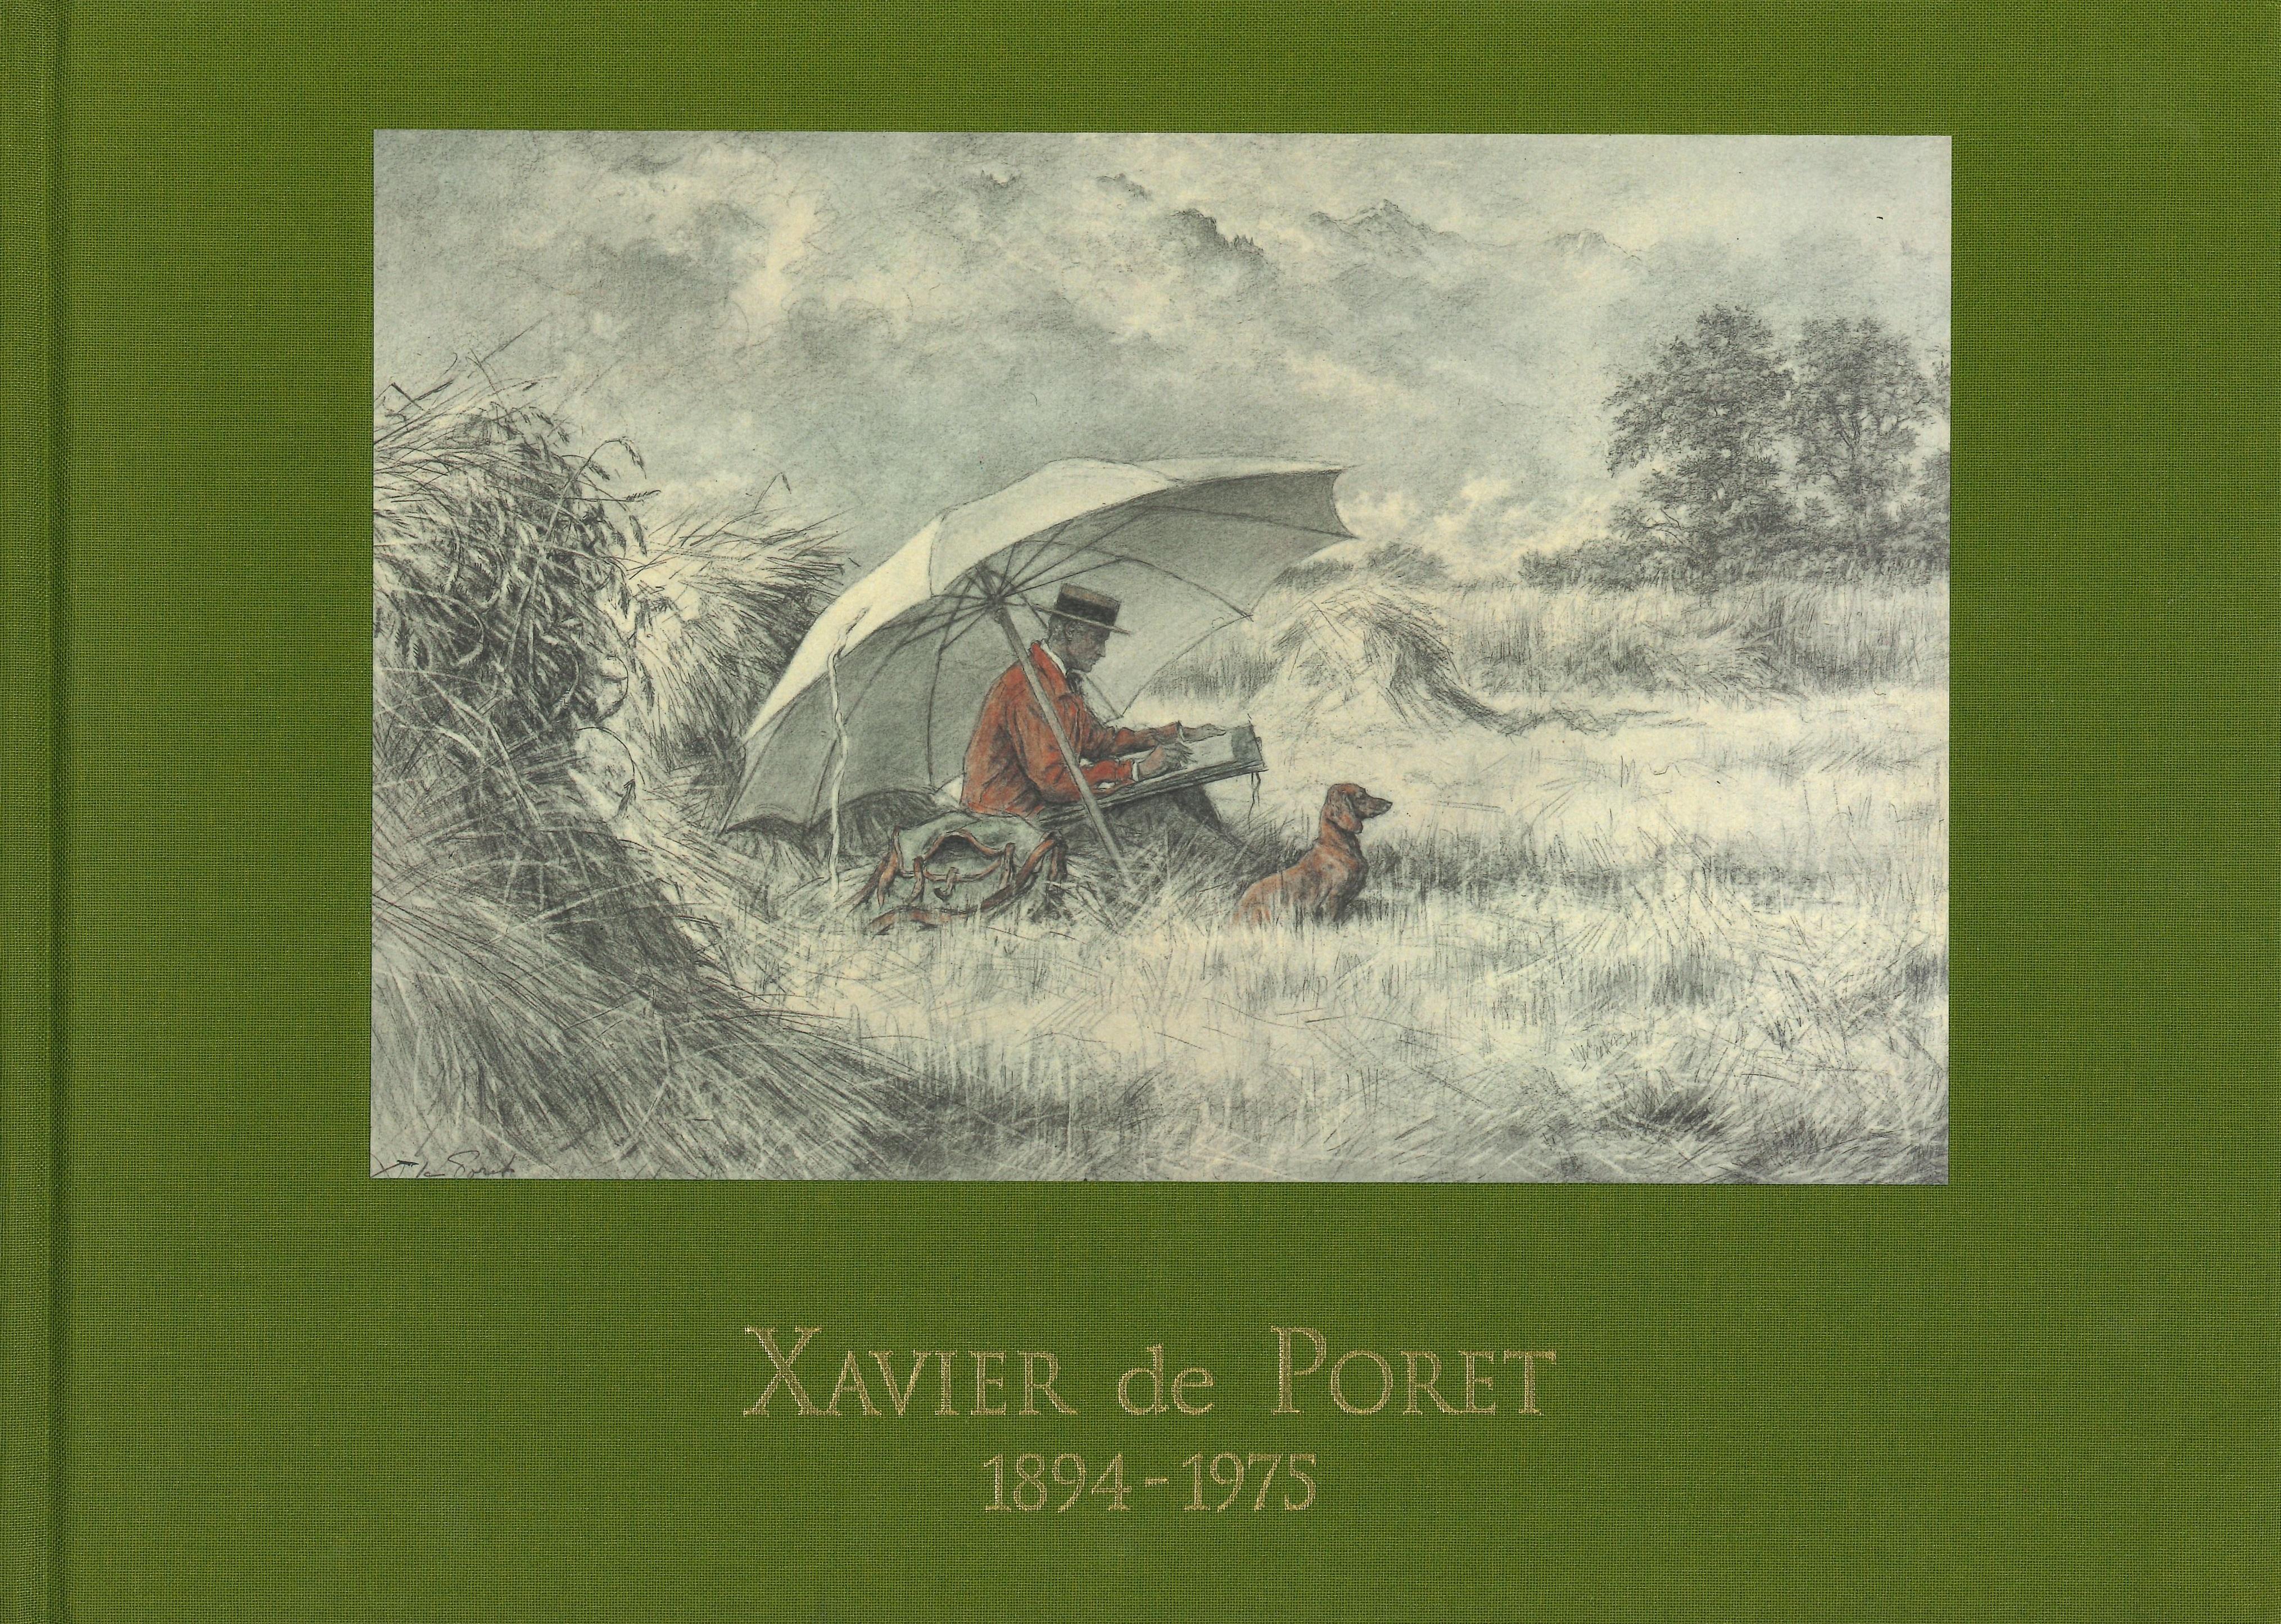 Xavier de Poret.jpg